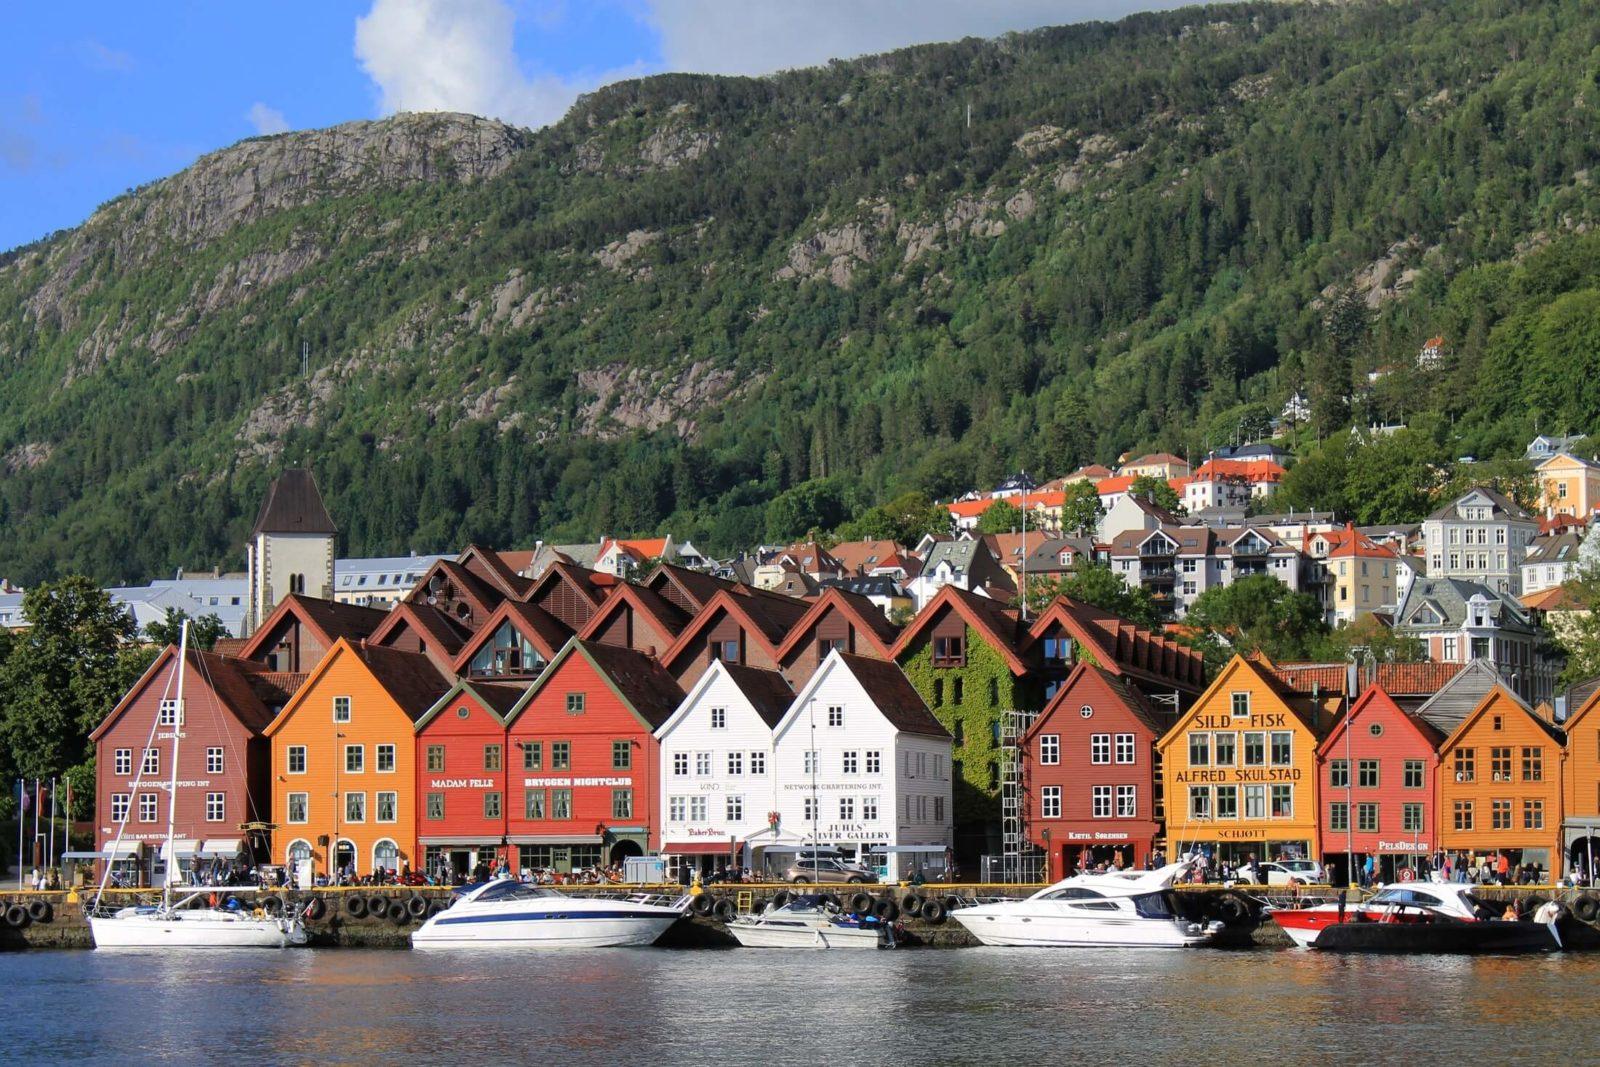 De bekende Hanzewerf Bryggen, Bergen (Foto: joaquinaristii/Foap/Visitnorway.com)